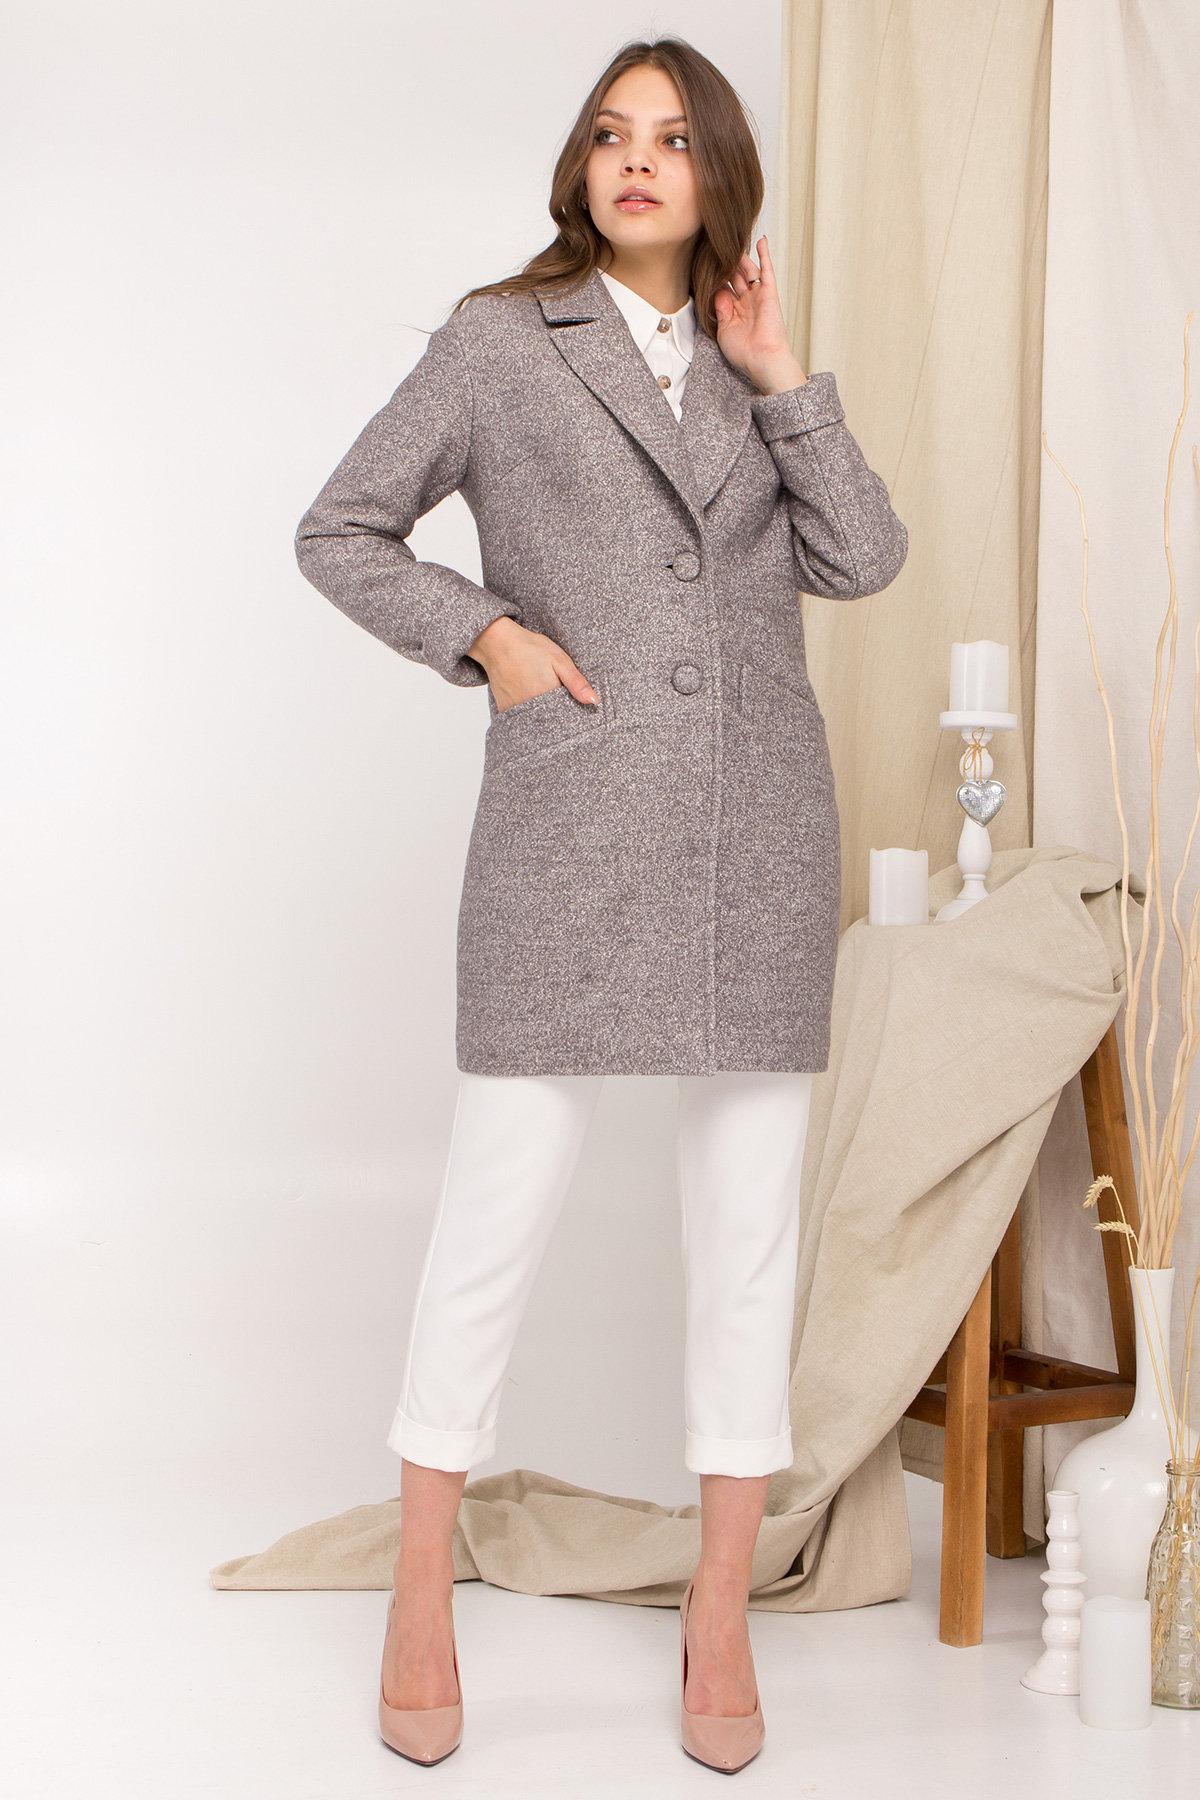 Пальто Вейсона 9042 АРТ. 45364 Цвет: Серый Светлый 20 - фото 1, интернет магазин tm-modus.ru